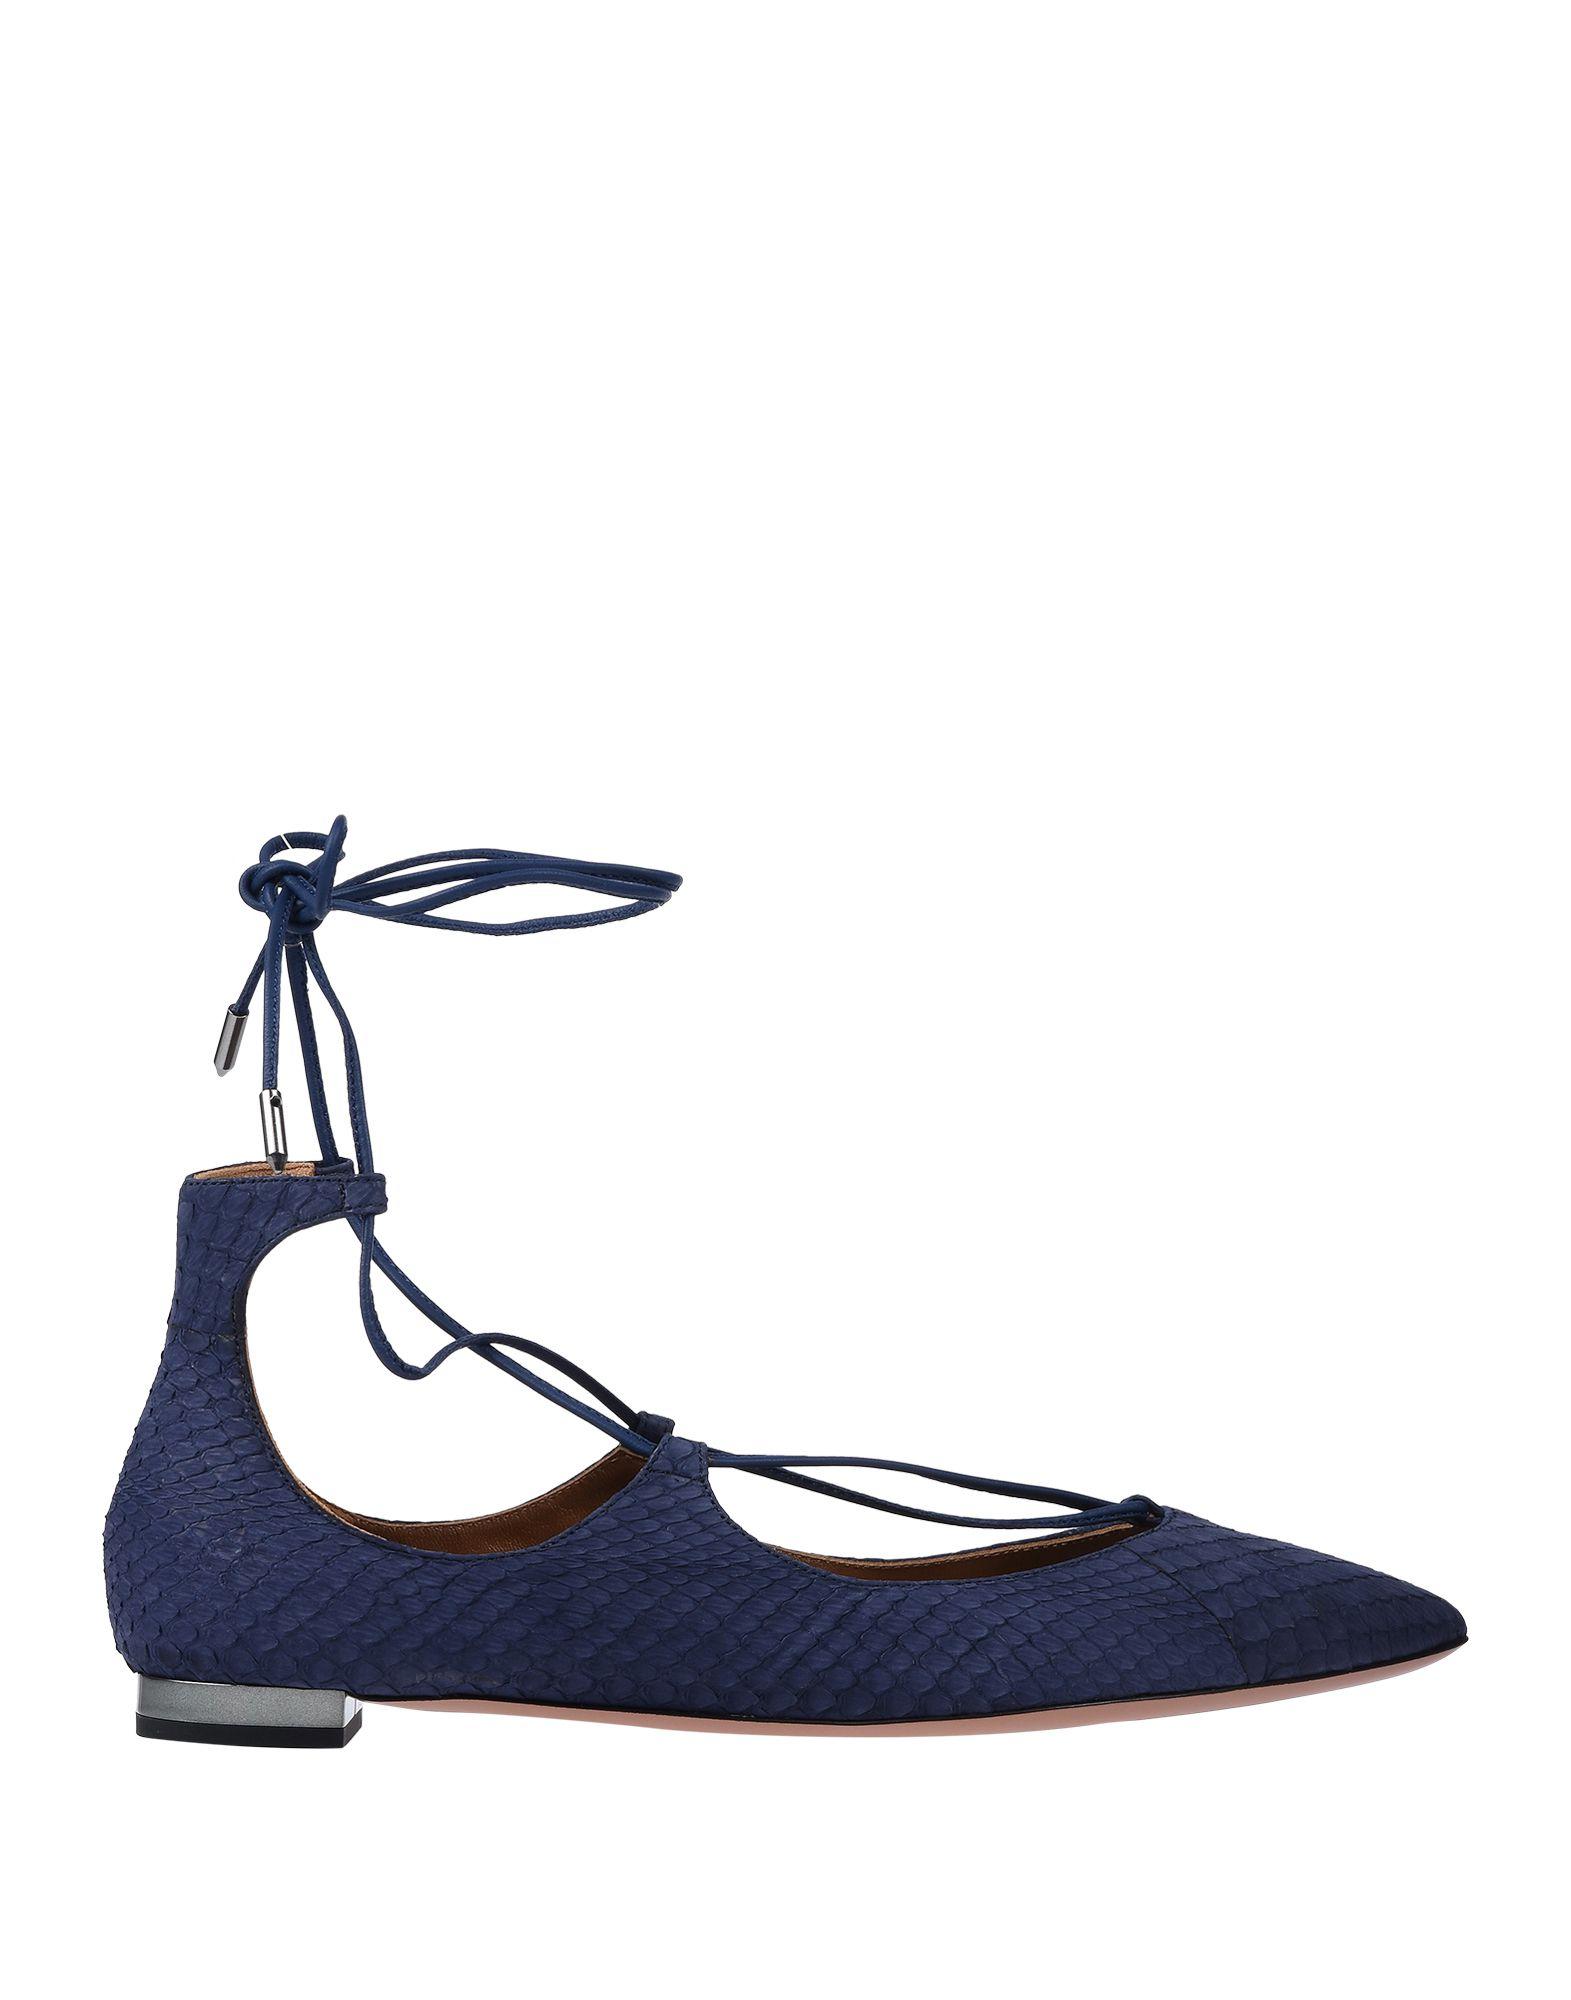 1de15c5e8c Zapatos para mujer online, zapatos de marca y a la moda para Colección  Primavera-Verano y Otoño-Invierno